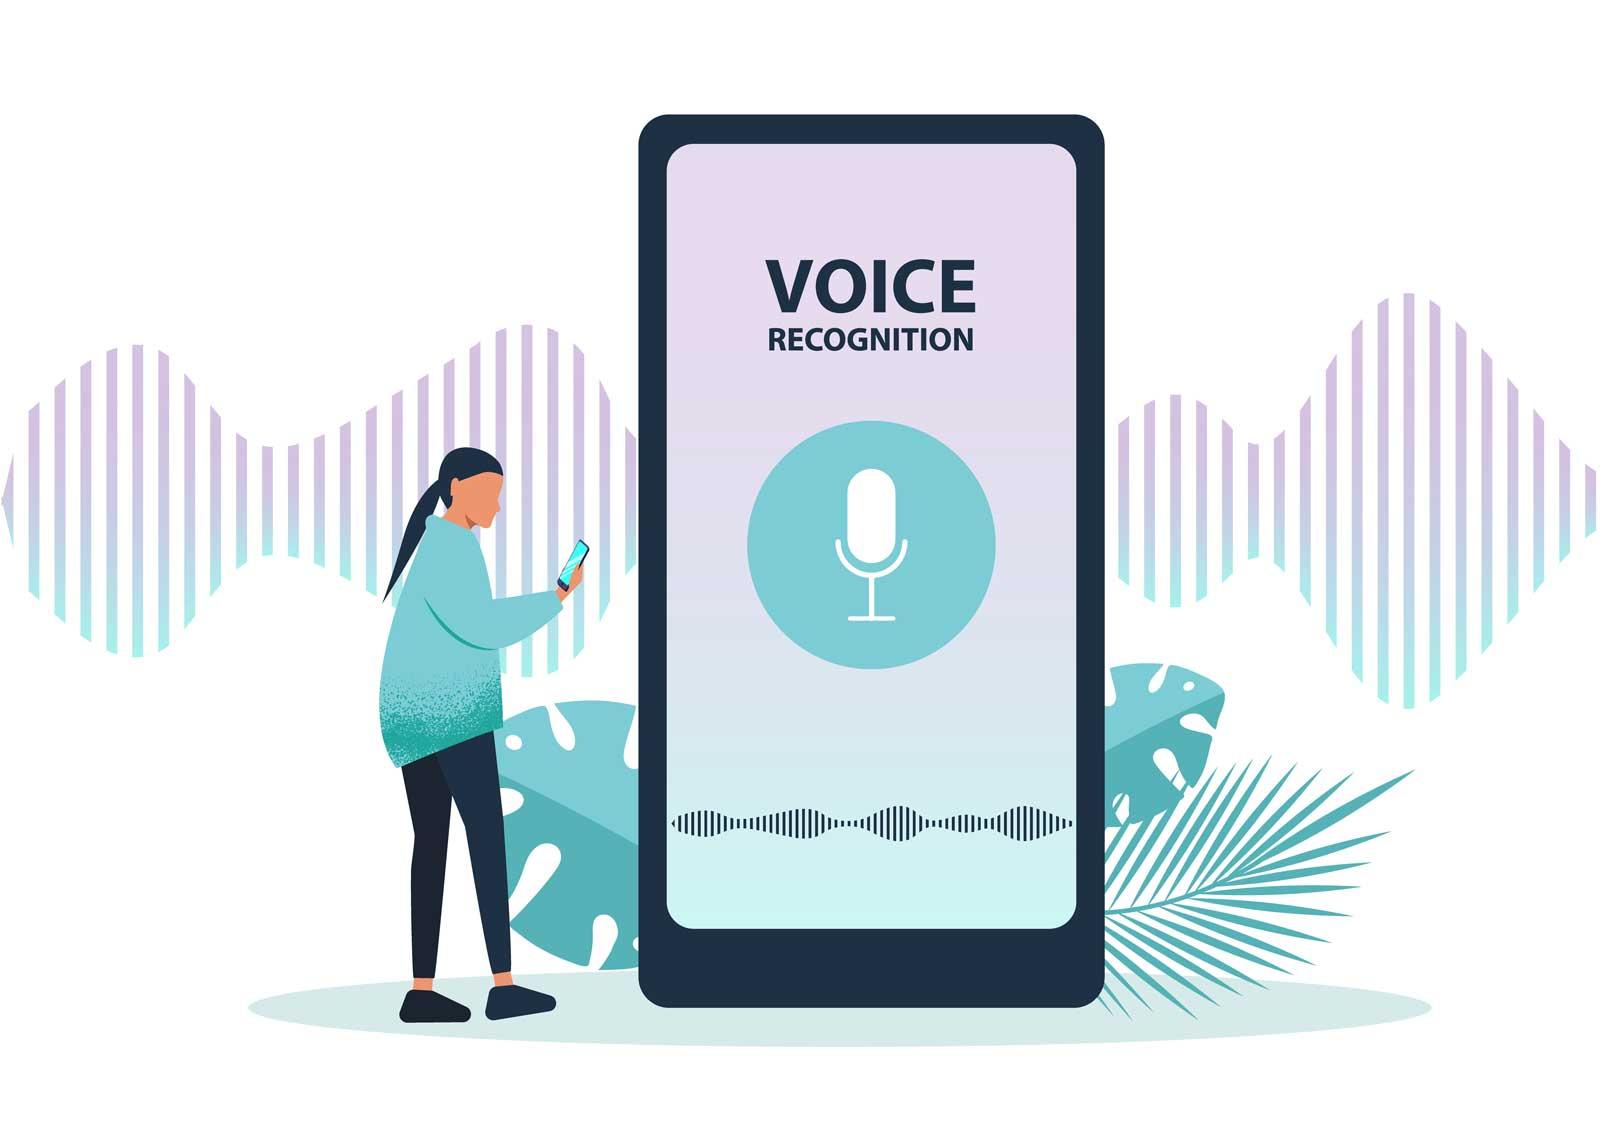 חיפוש קולי וSEO